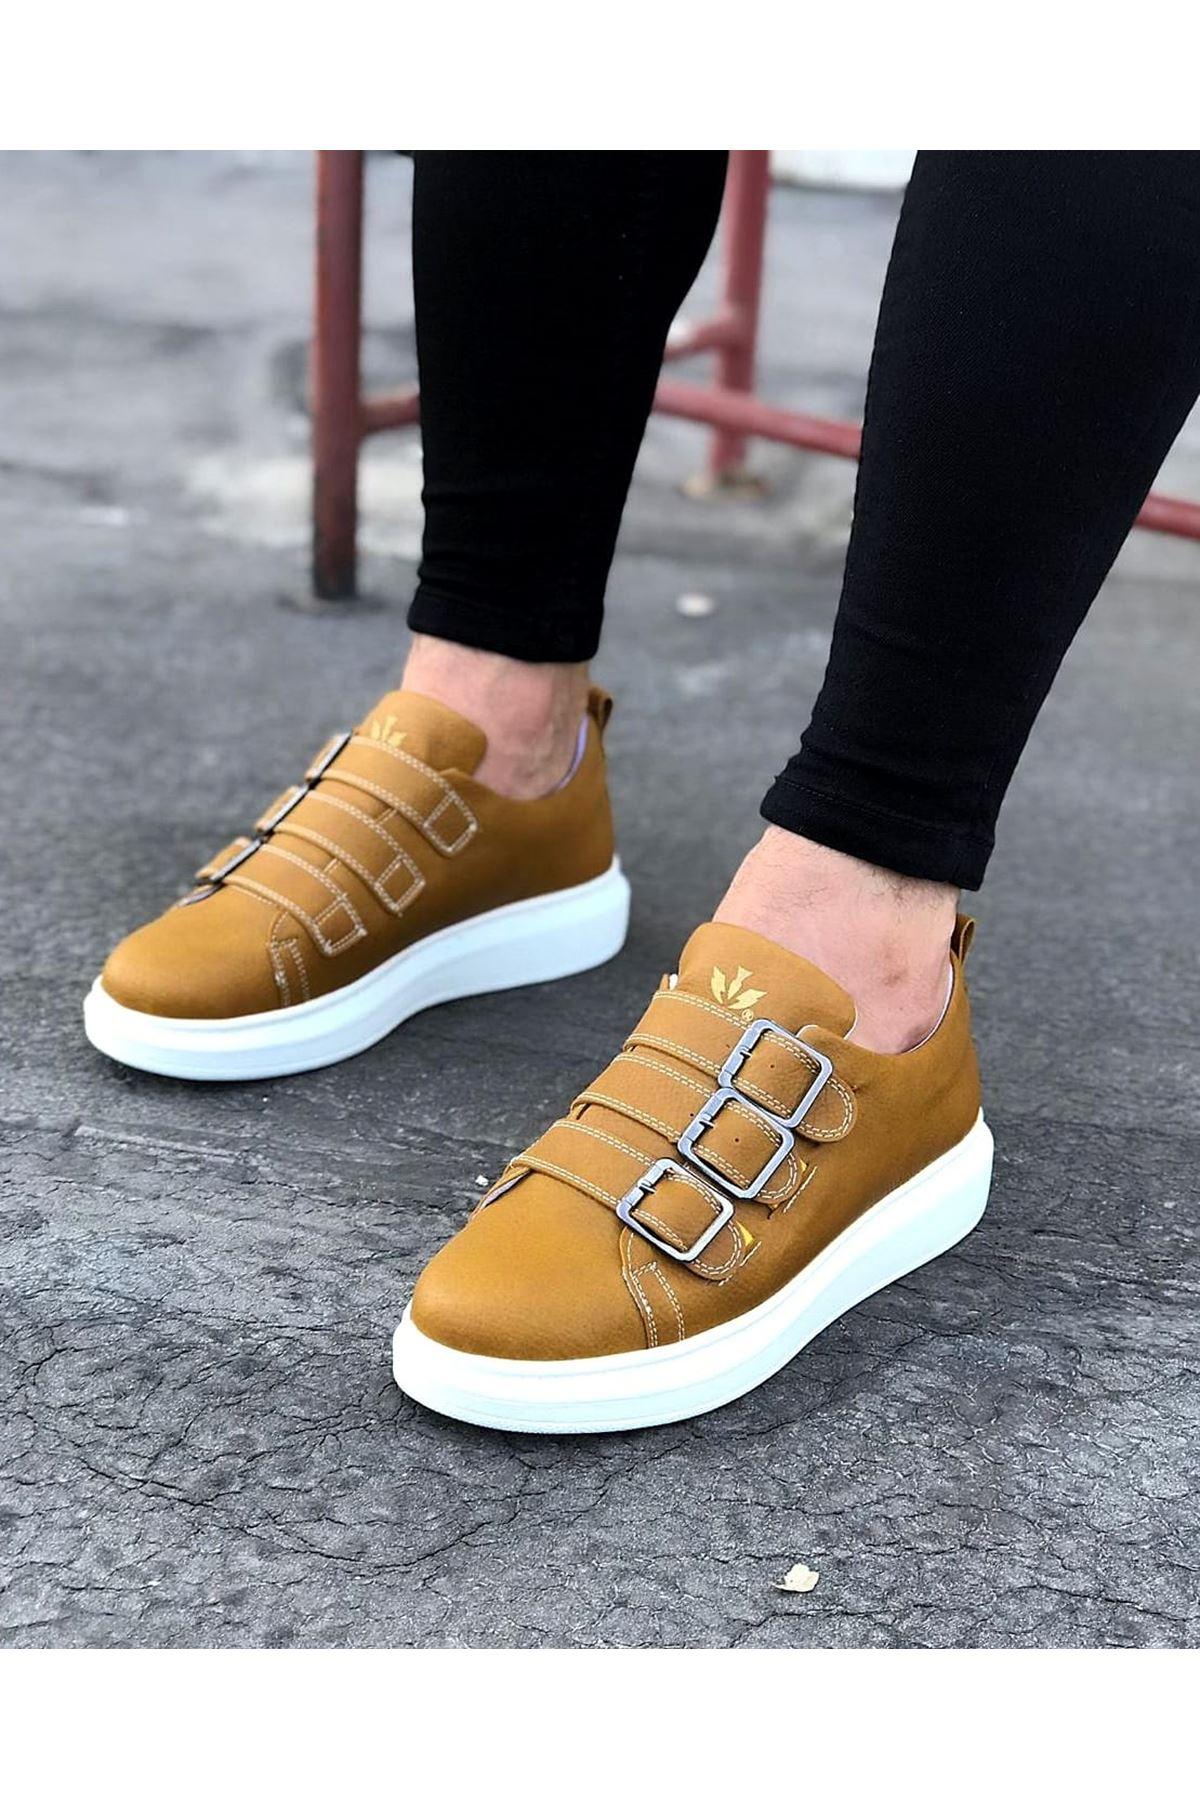 Wagoon WG050 Sarı Tokalı Kalın Taban Erkek Ayakkabı